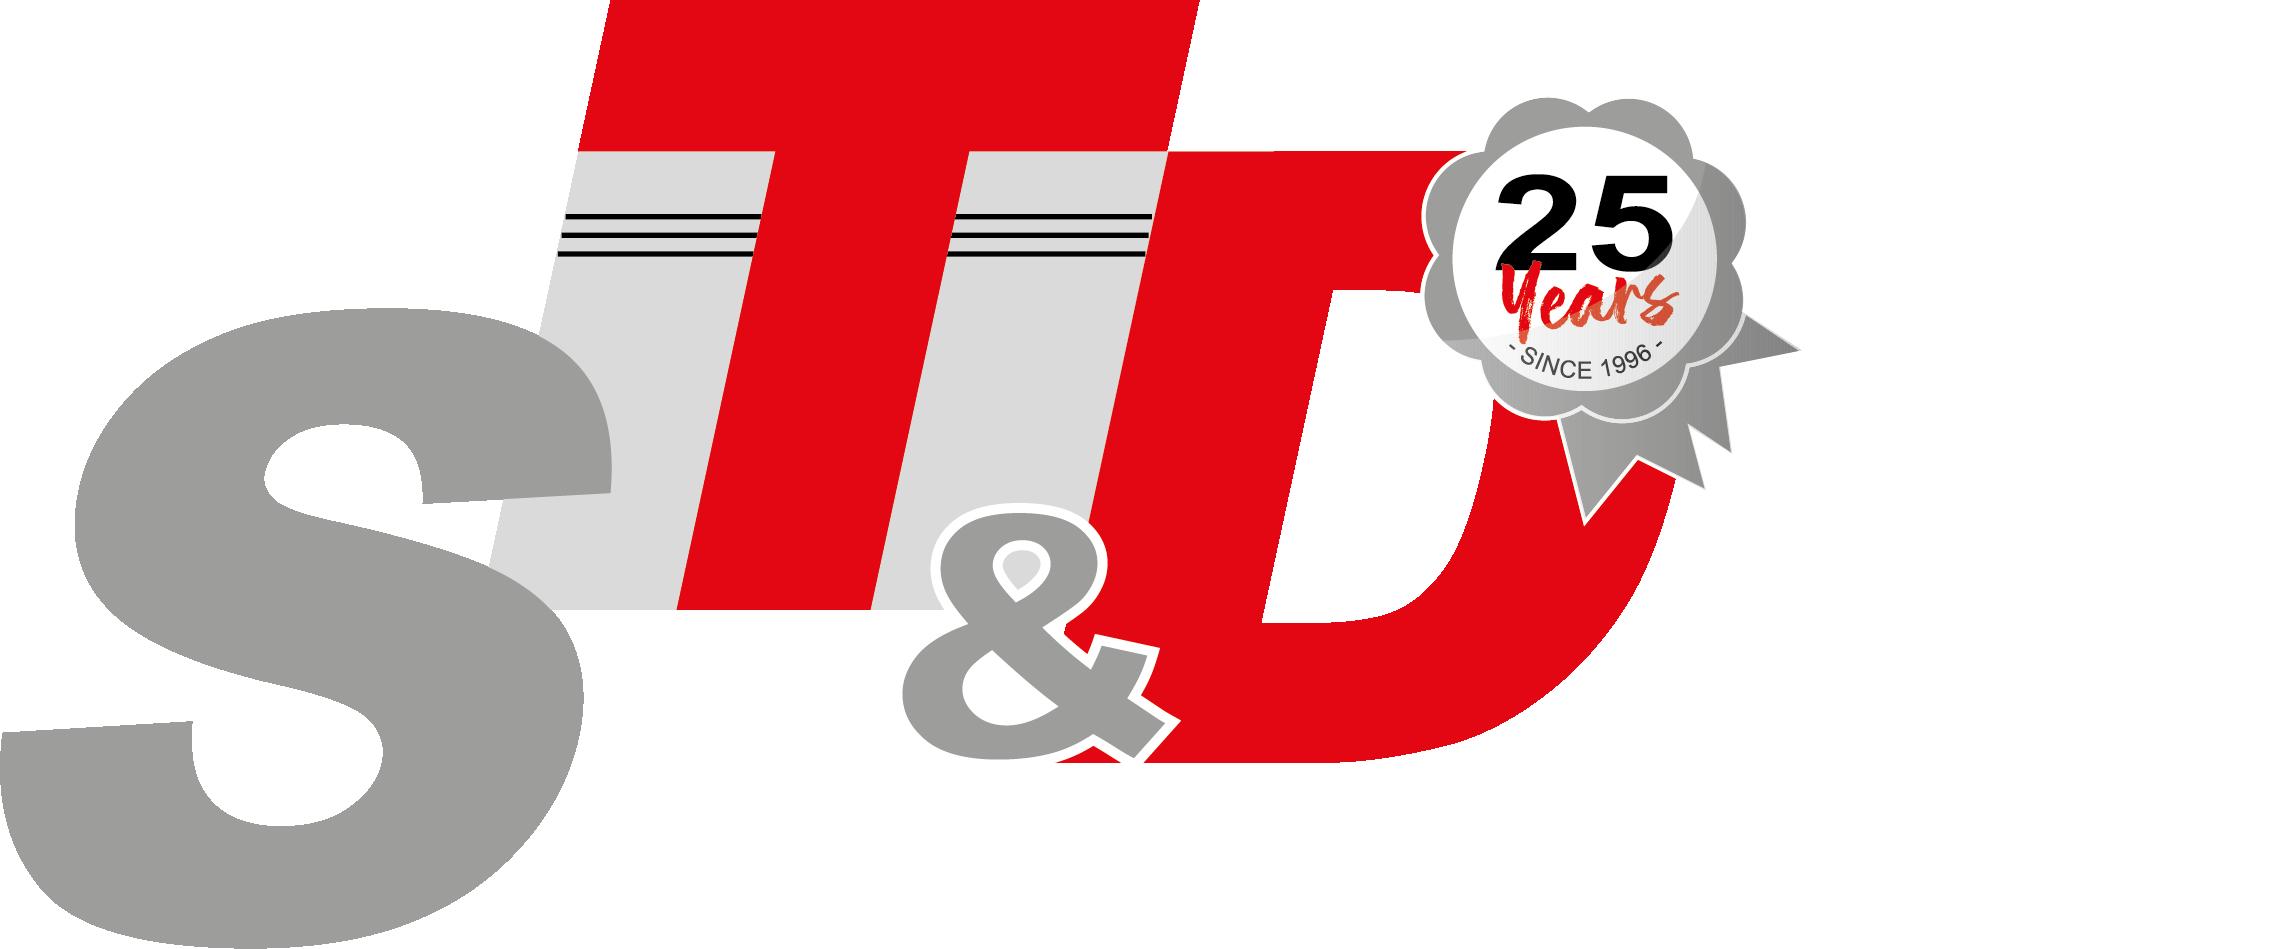 LOGO ST&D 25 jaar